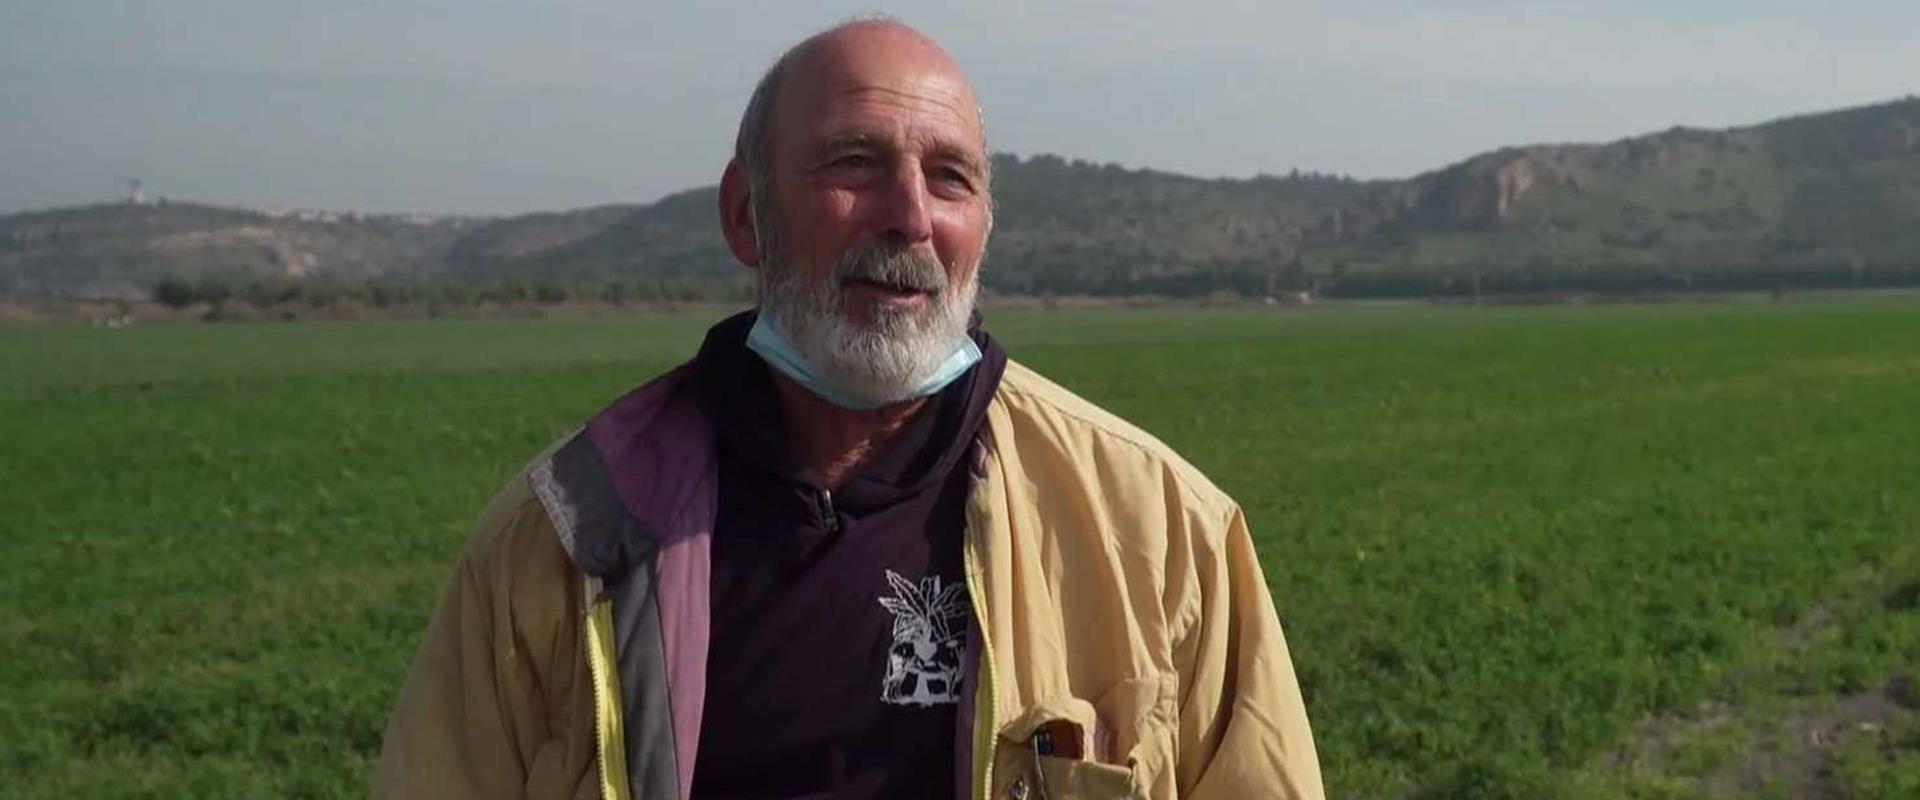 נדב רז, מנהל החקלאות לשעבר בקיבוץ מעגן מיכאל